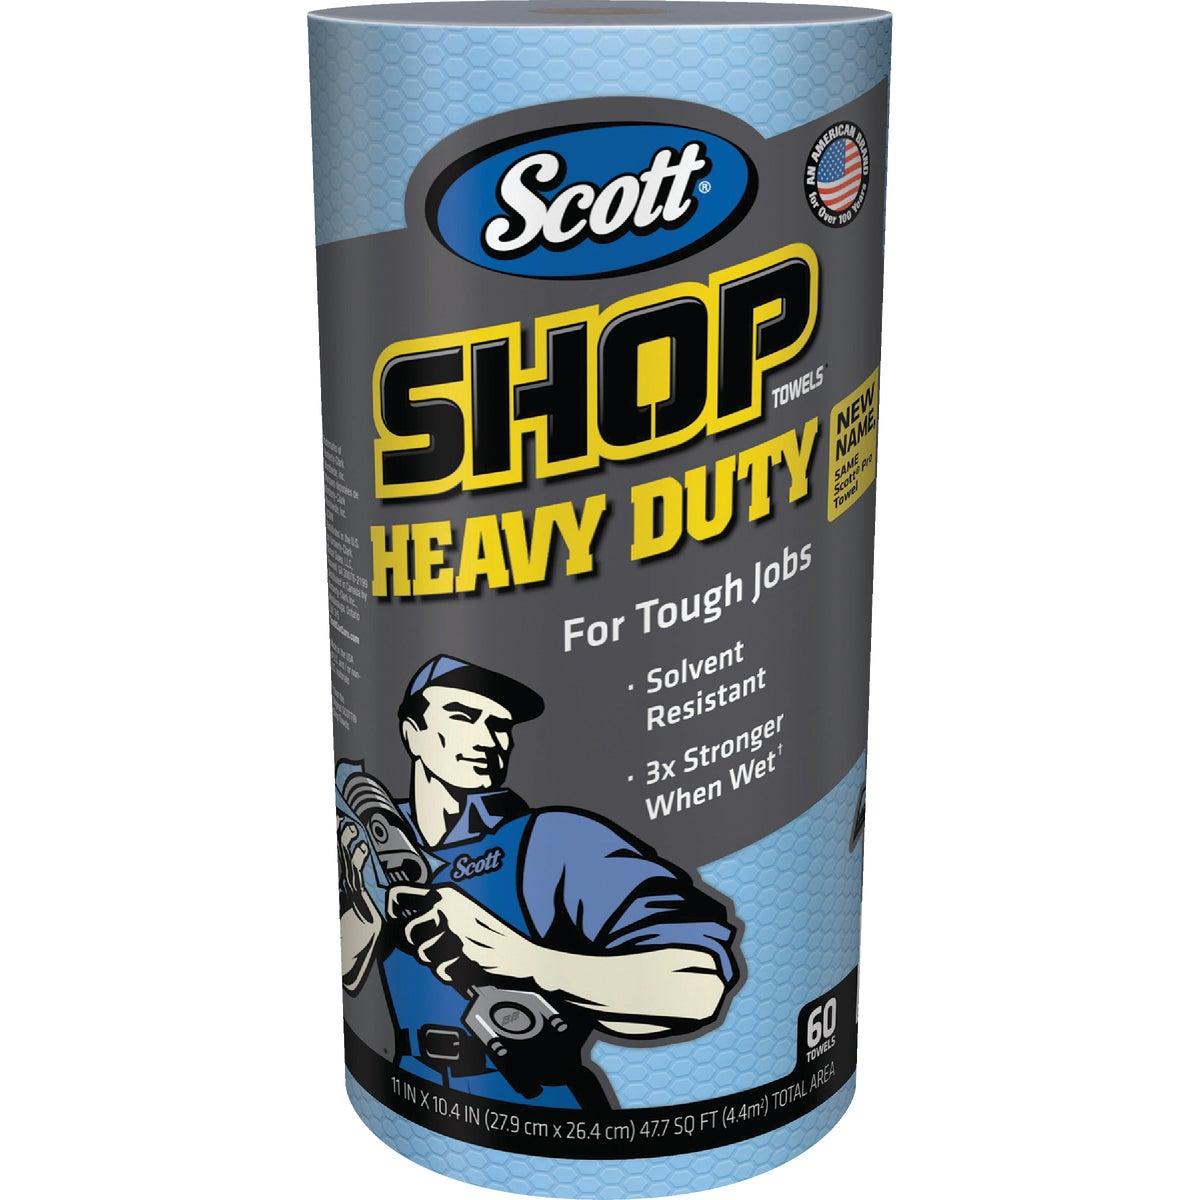 Scott Pro Shop Towels